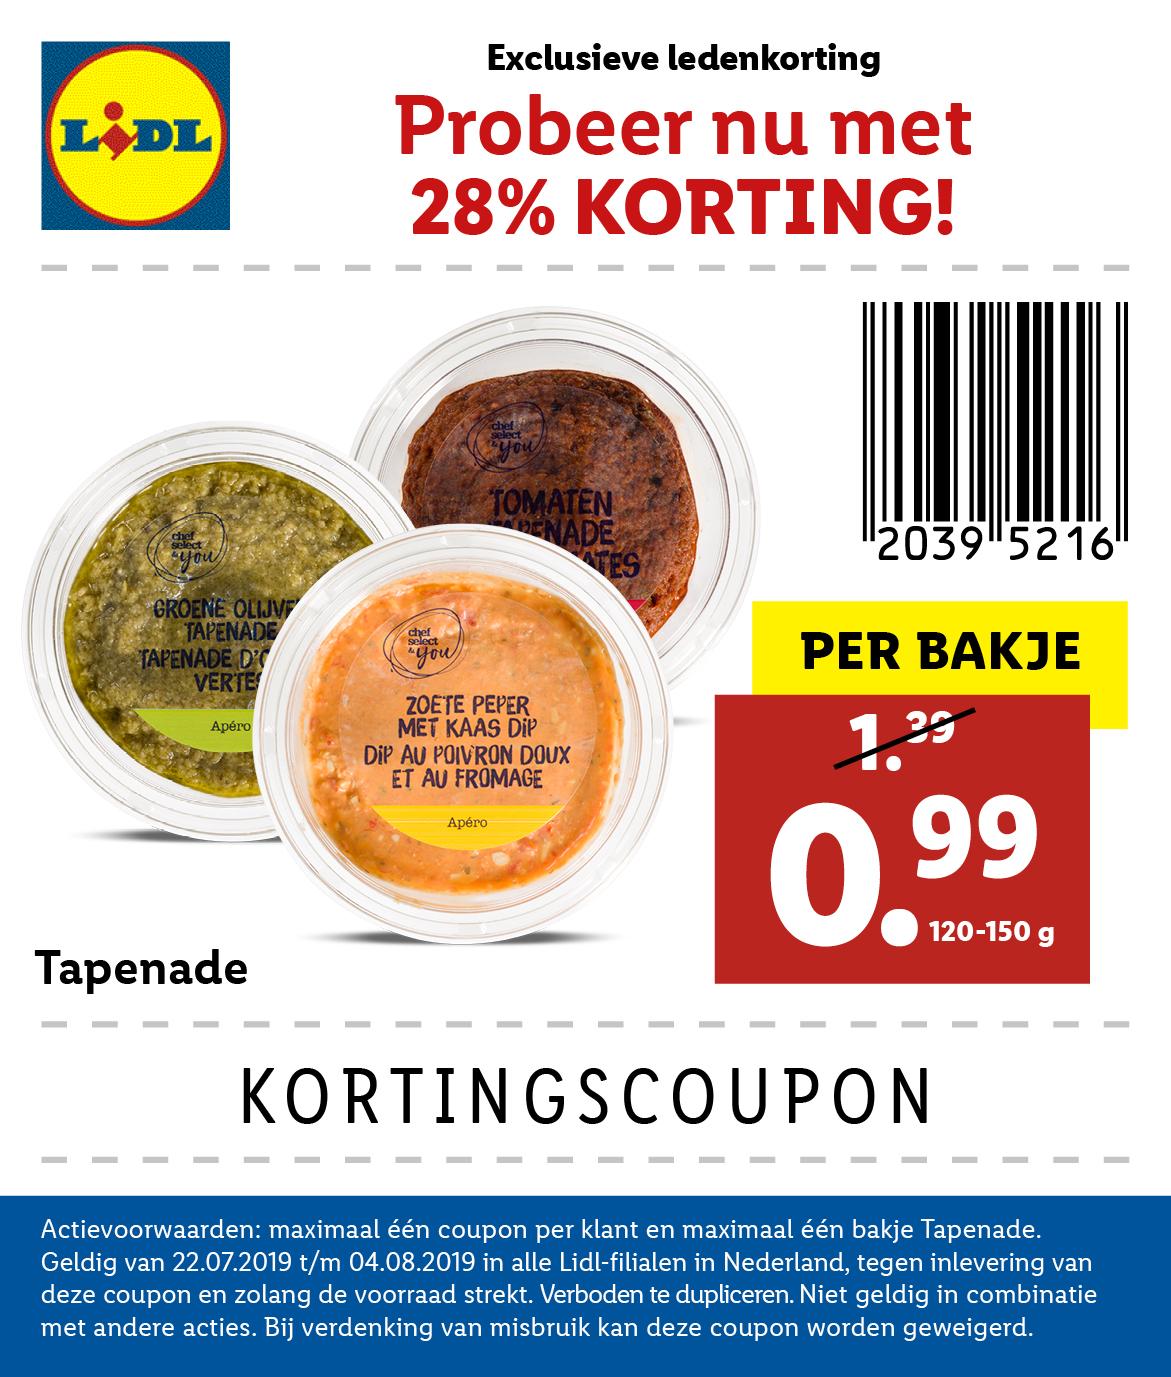 Kortingscoupon Lidl tapenade (€0,99 per bakje)